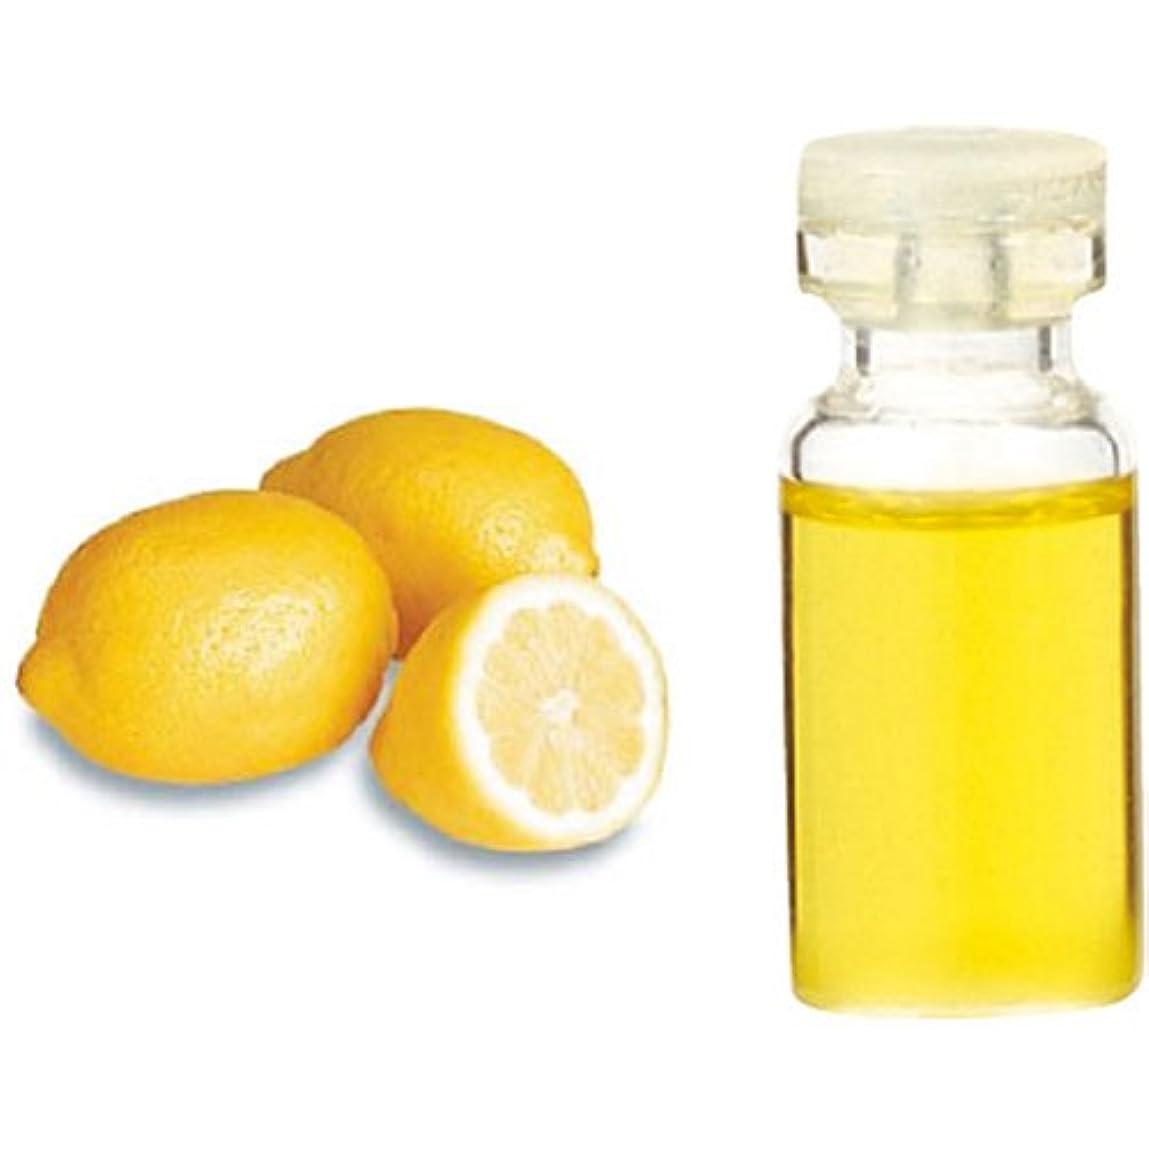 予算魅惑的な容器生活の木 C レモン エッセンシャルオイル 10ml